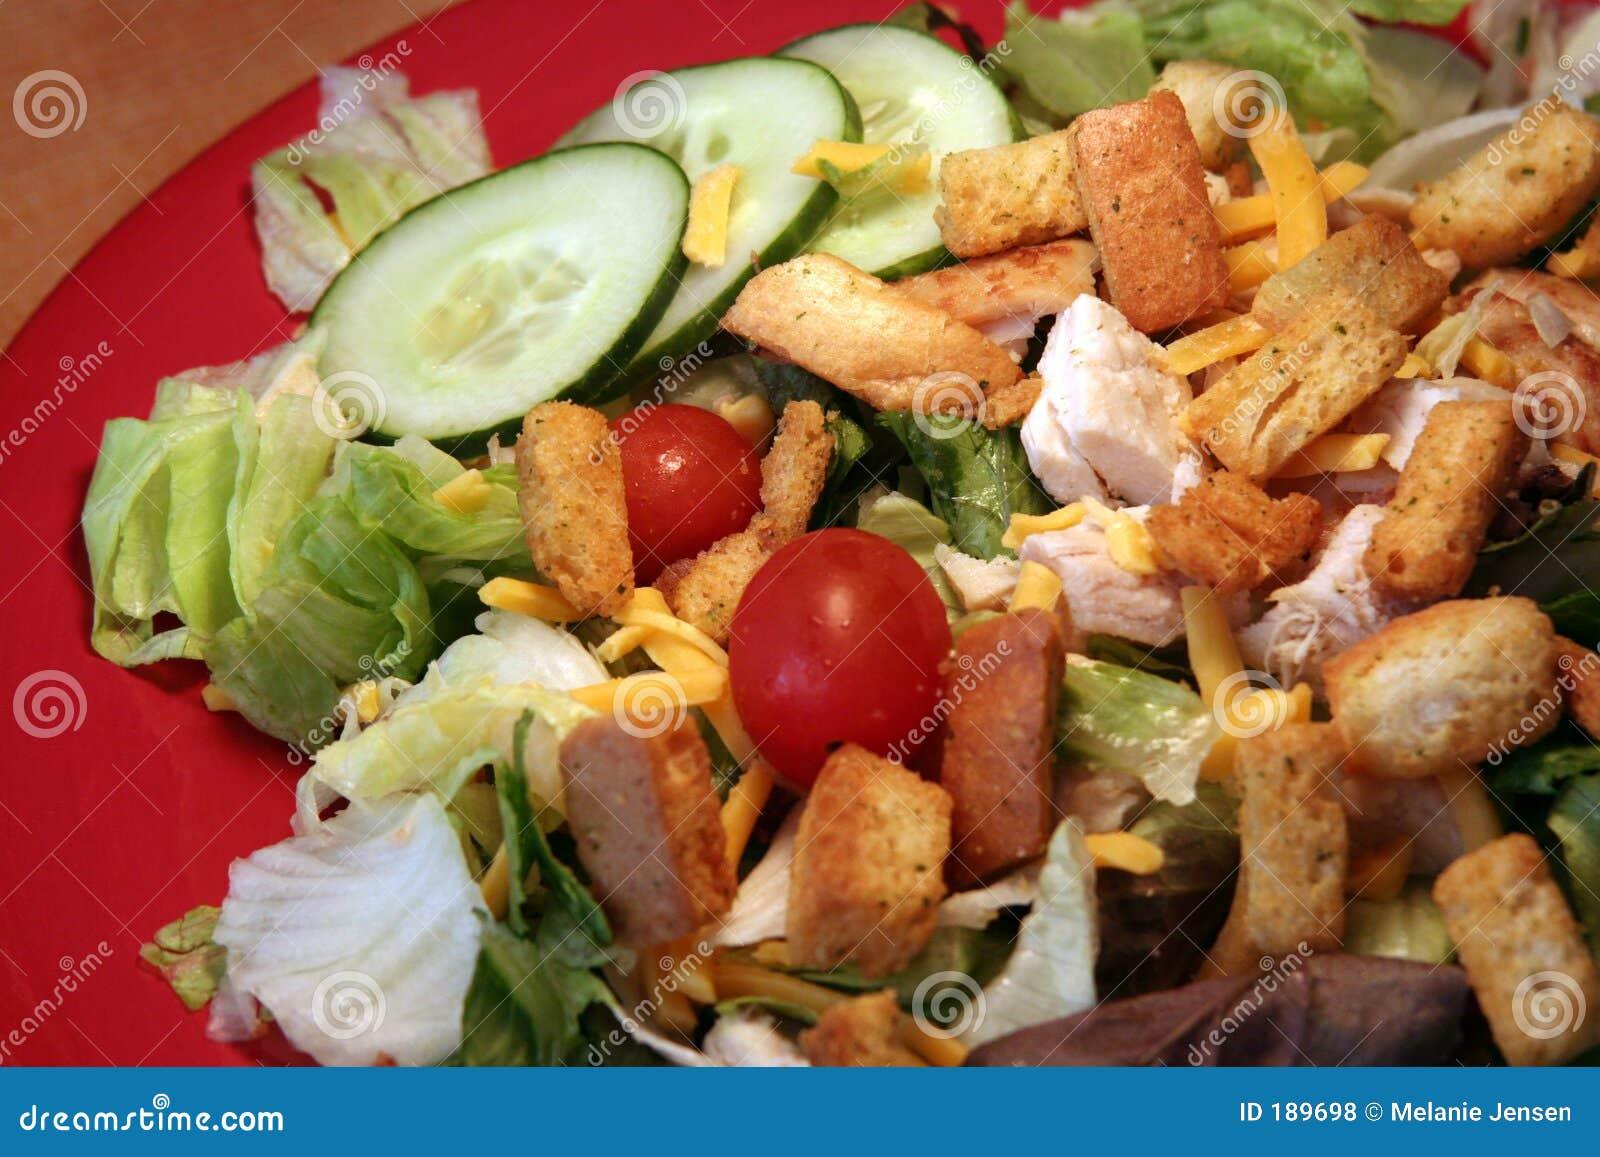 鸡烤了沙拉